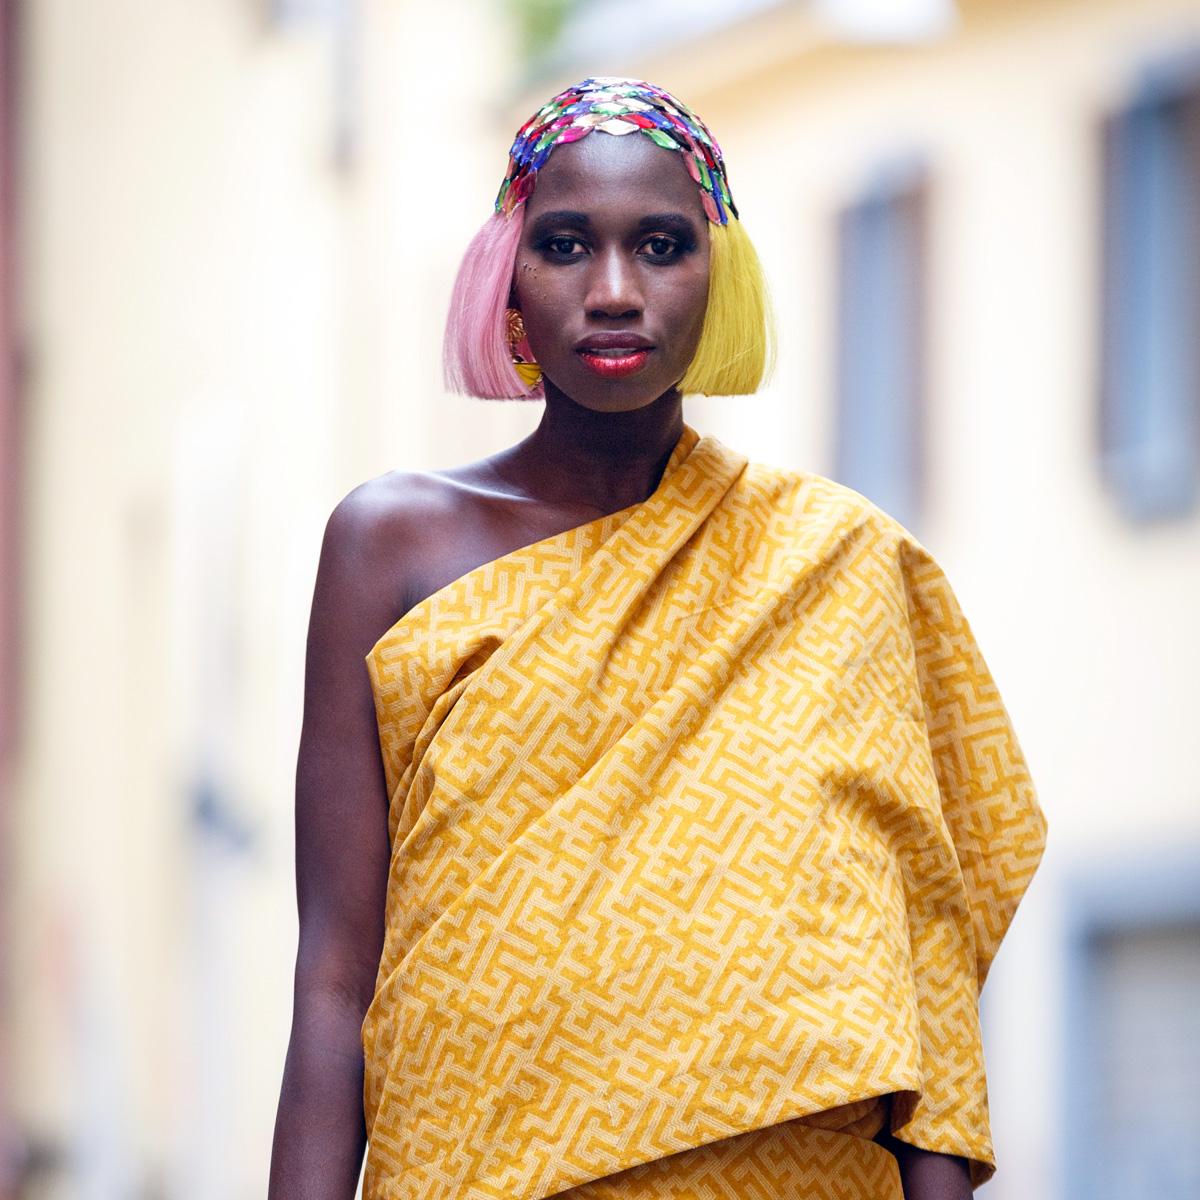 cabello en color fantasía, rosa y amarillo para la colección la décima reina presentada en davines hos bologna